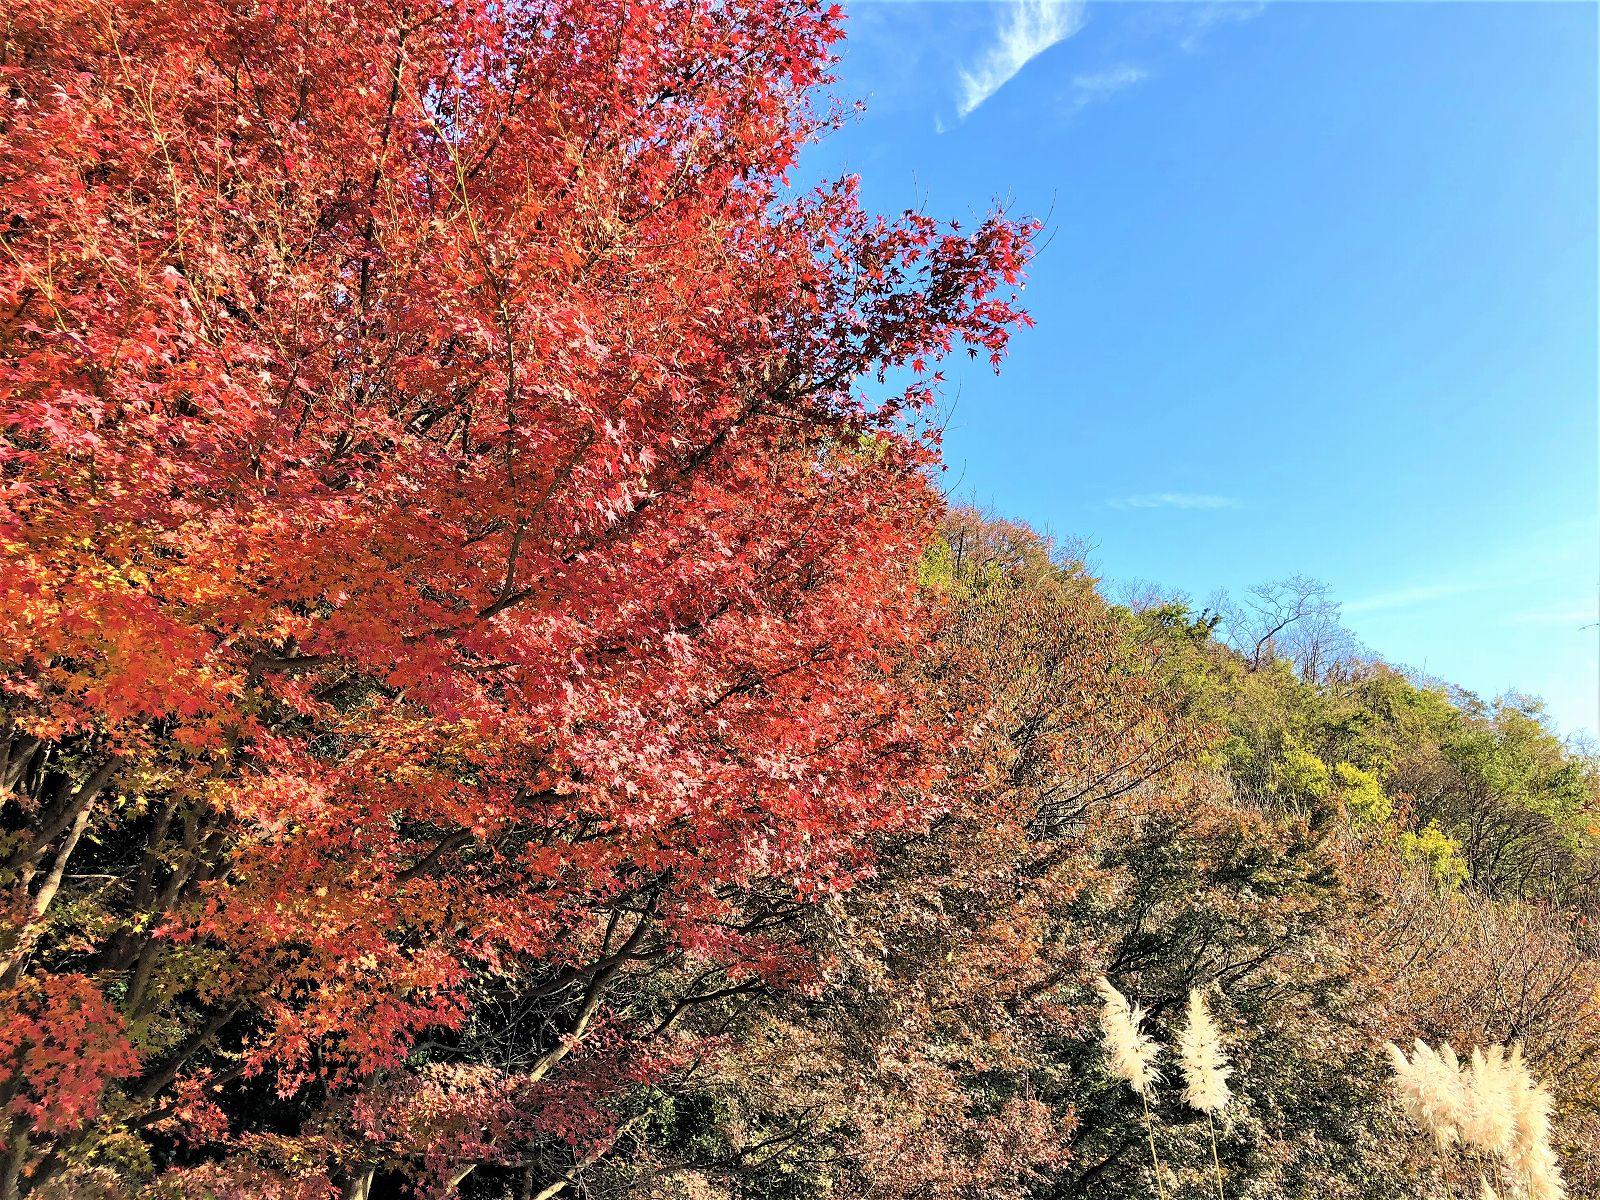 秋のイチオシ!神戸布引ハーブ園の紅葉と期間限定「紅葉カフェ」へ行こう! #神戸布引ハーブ園 #紅葉 #紅葉カフェ #神戸観光